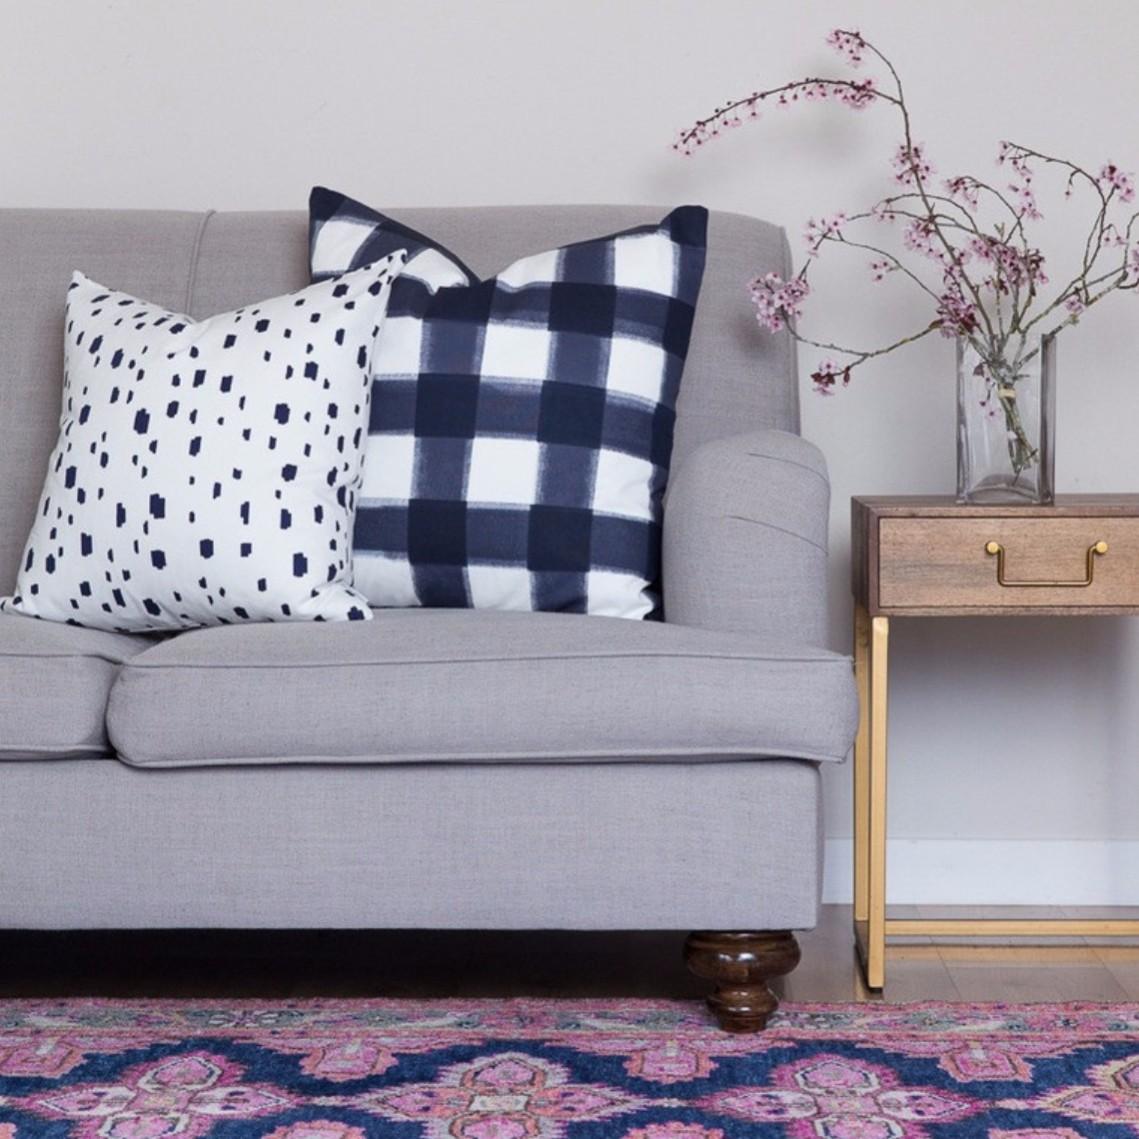 Avery Street Design Blog: family room refresh & caitlin wilson ...